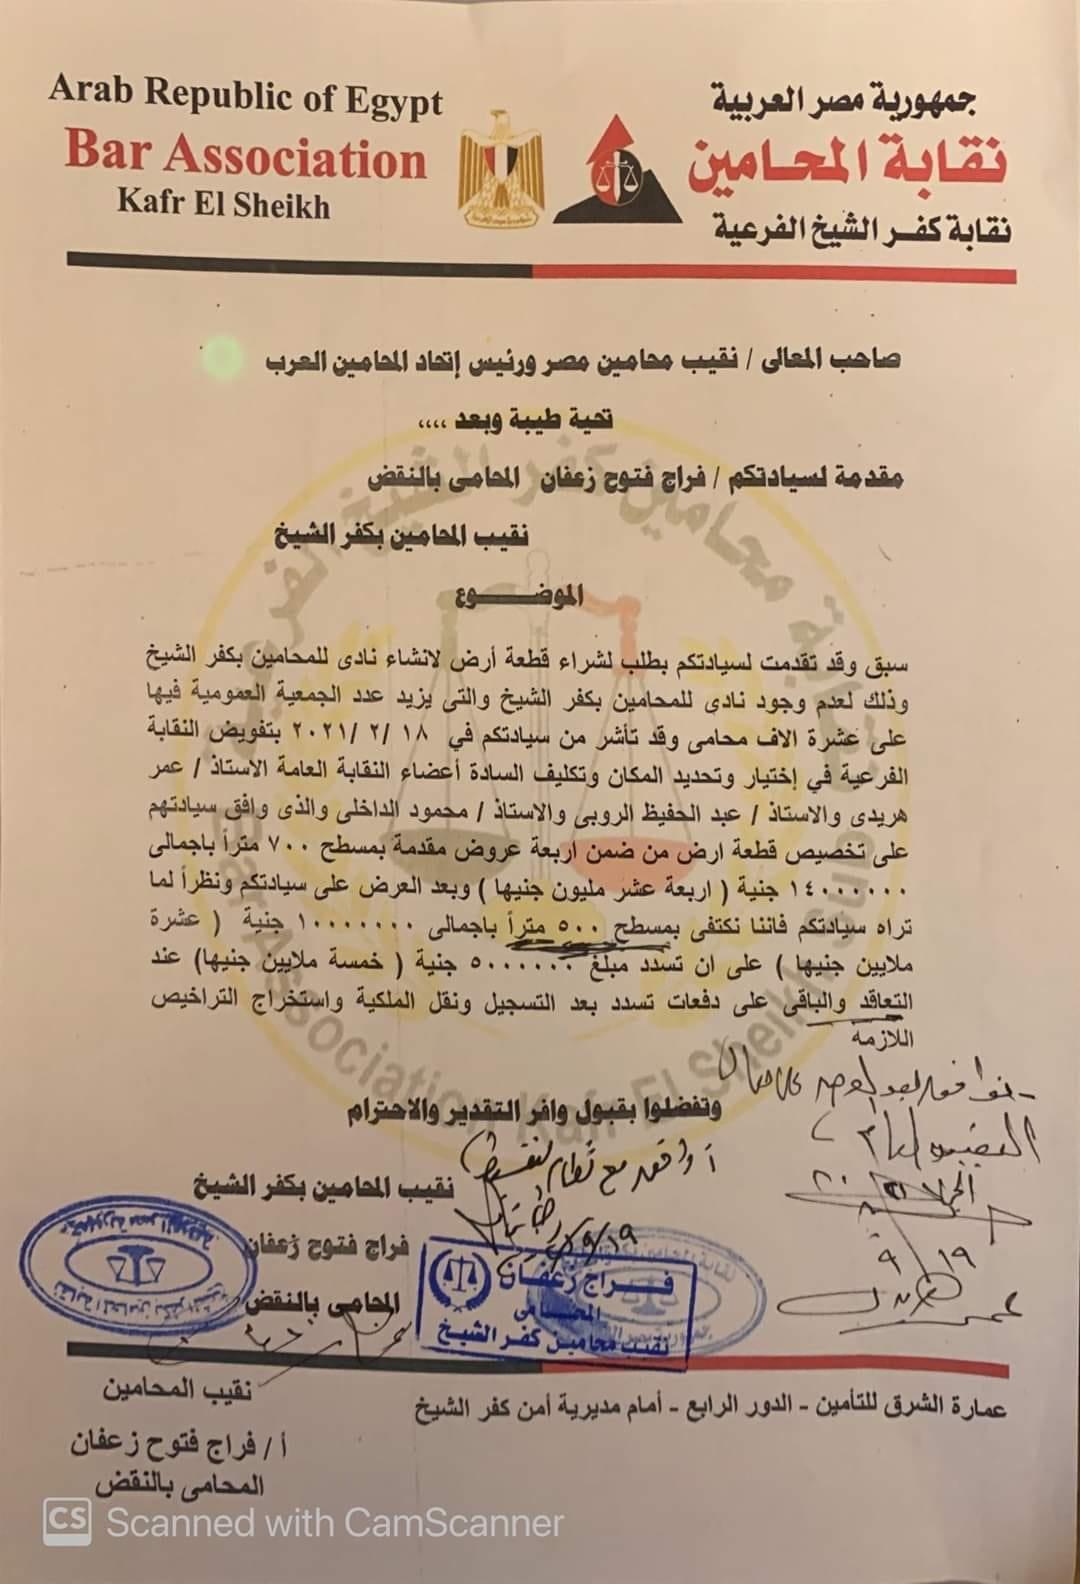 موافقة النقابة العامة للمحامين لاقامة نادي لمحامي كفر الشيخ